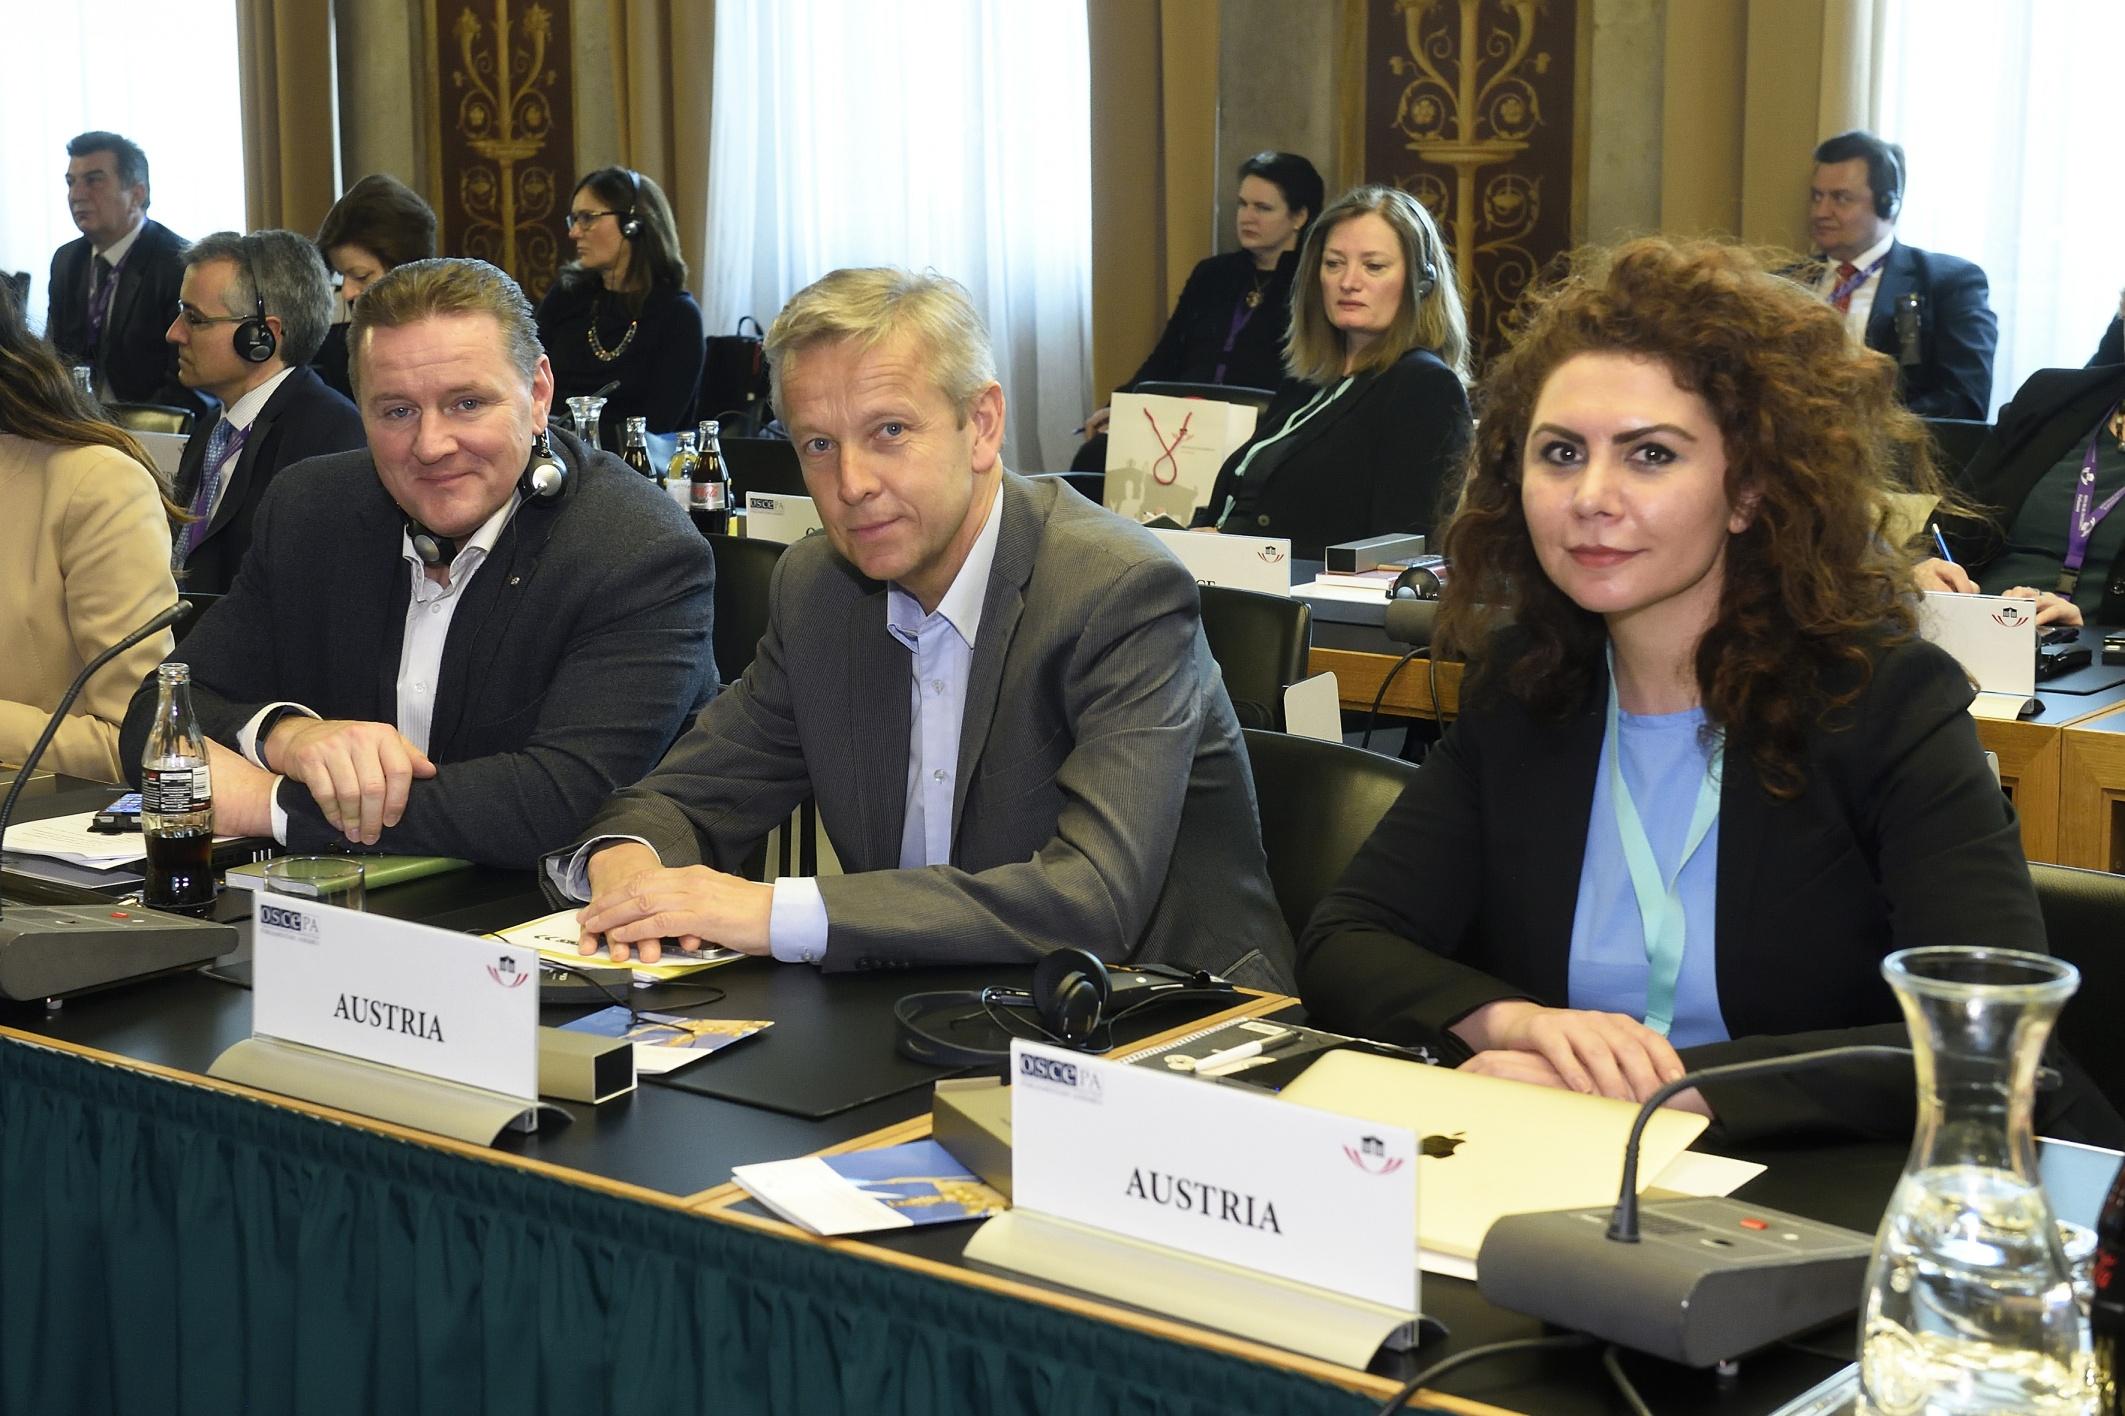 Österreichische Delegation von links: Nationalratsabgeordneter Roman Haider (F), Klubobmann Reinhold Lopatka (V), Nationalratsabgeordnete Aygül Berivan Aslan (G)